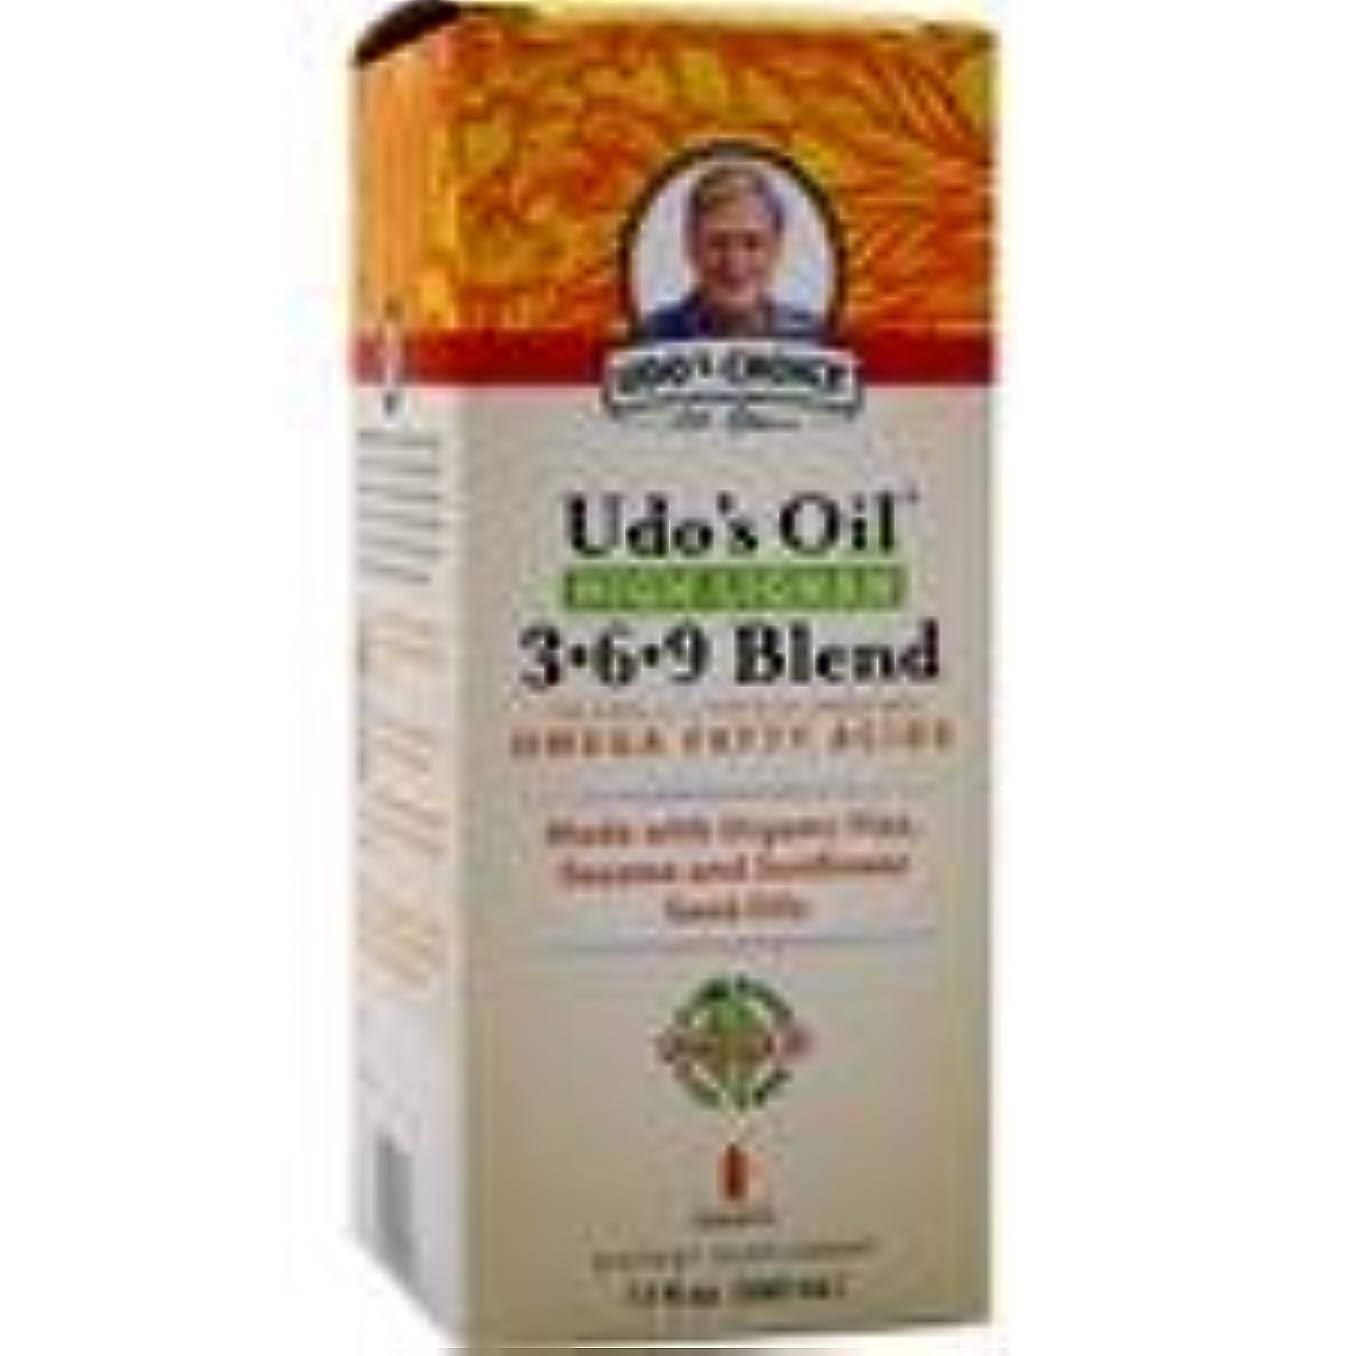 平行規模ケーブルカーUdo's Oil High Lignan 3-6-9 Blend 17 fl.oz 2個パック